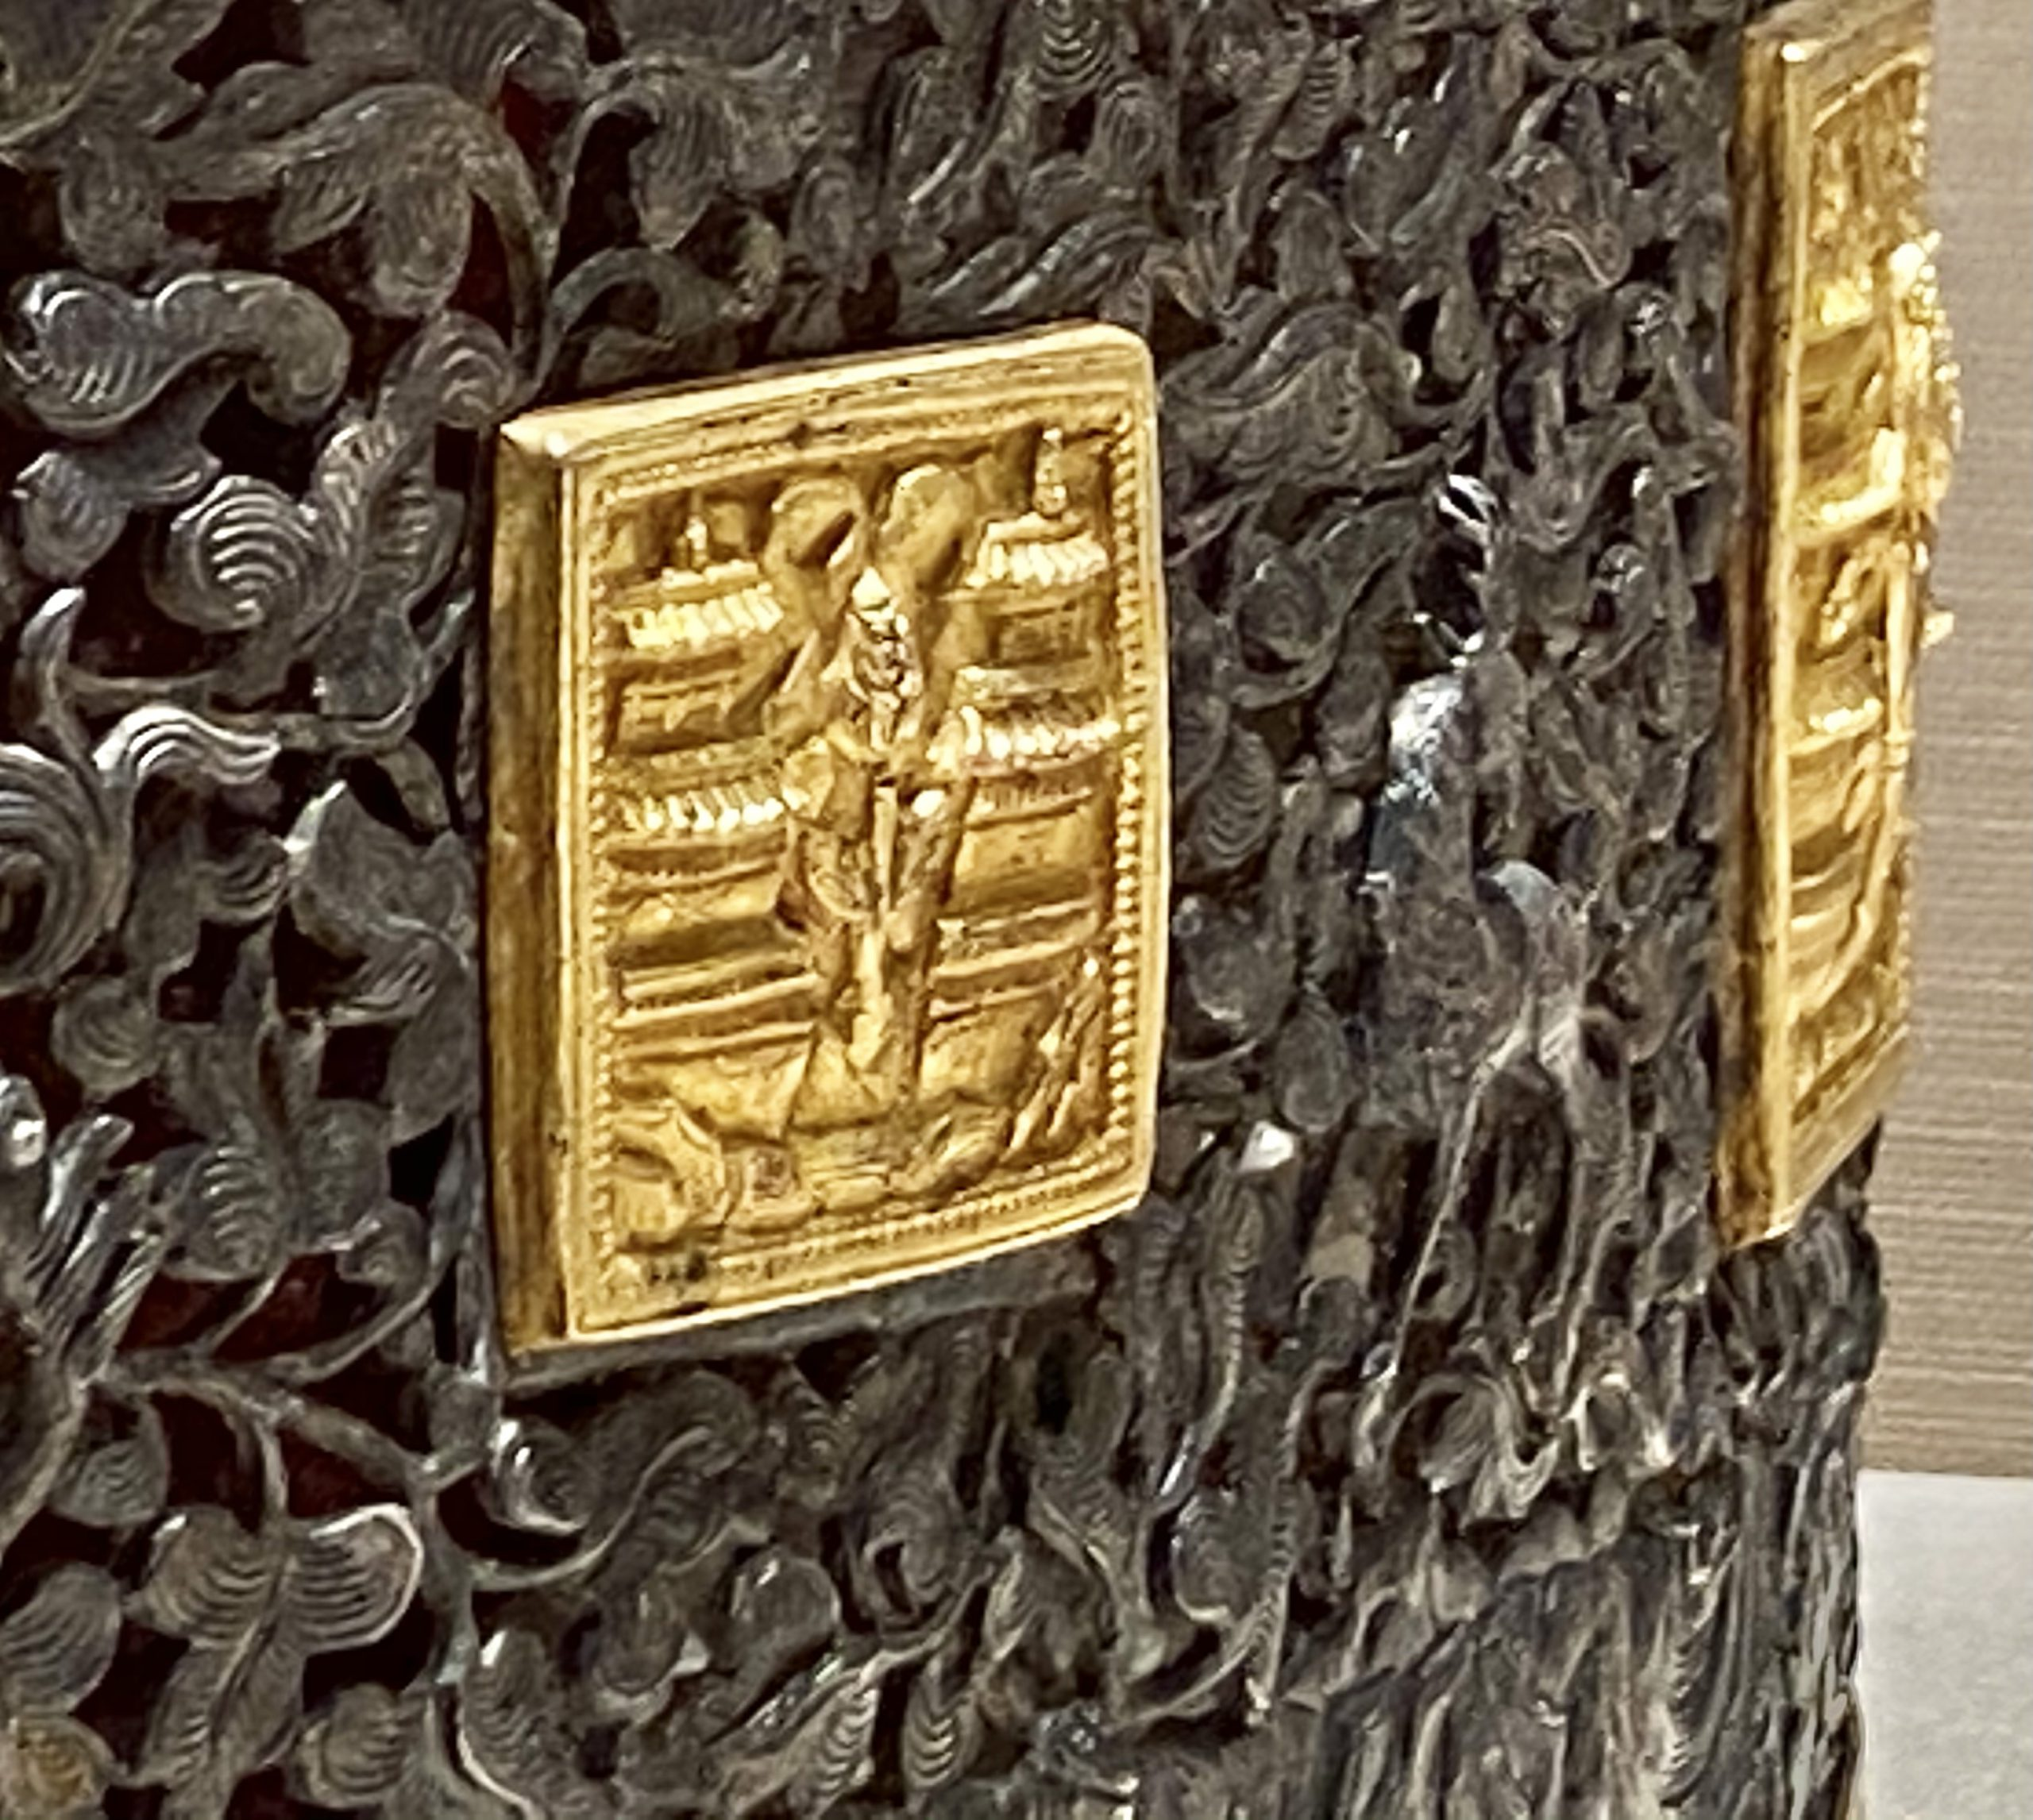 銀質鏨八宝壇城-清時代-巡回特別展【天路長歌-唐蕃古道】-四川博物館